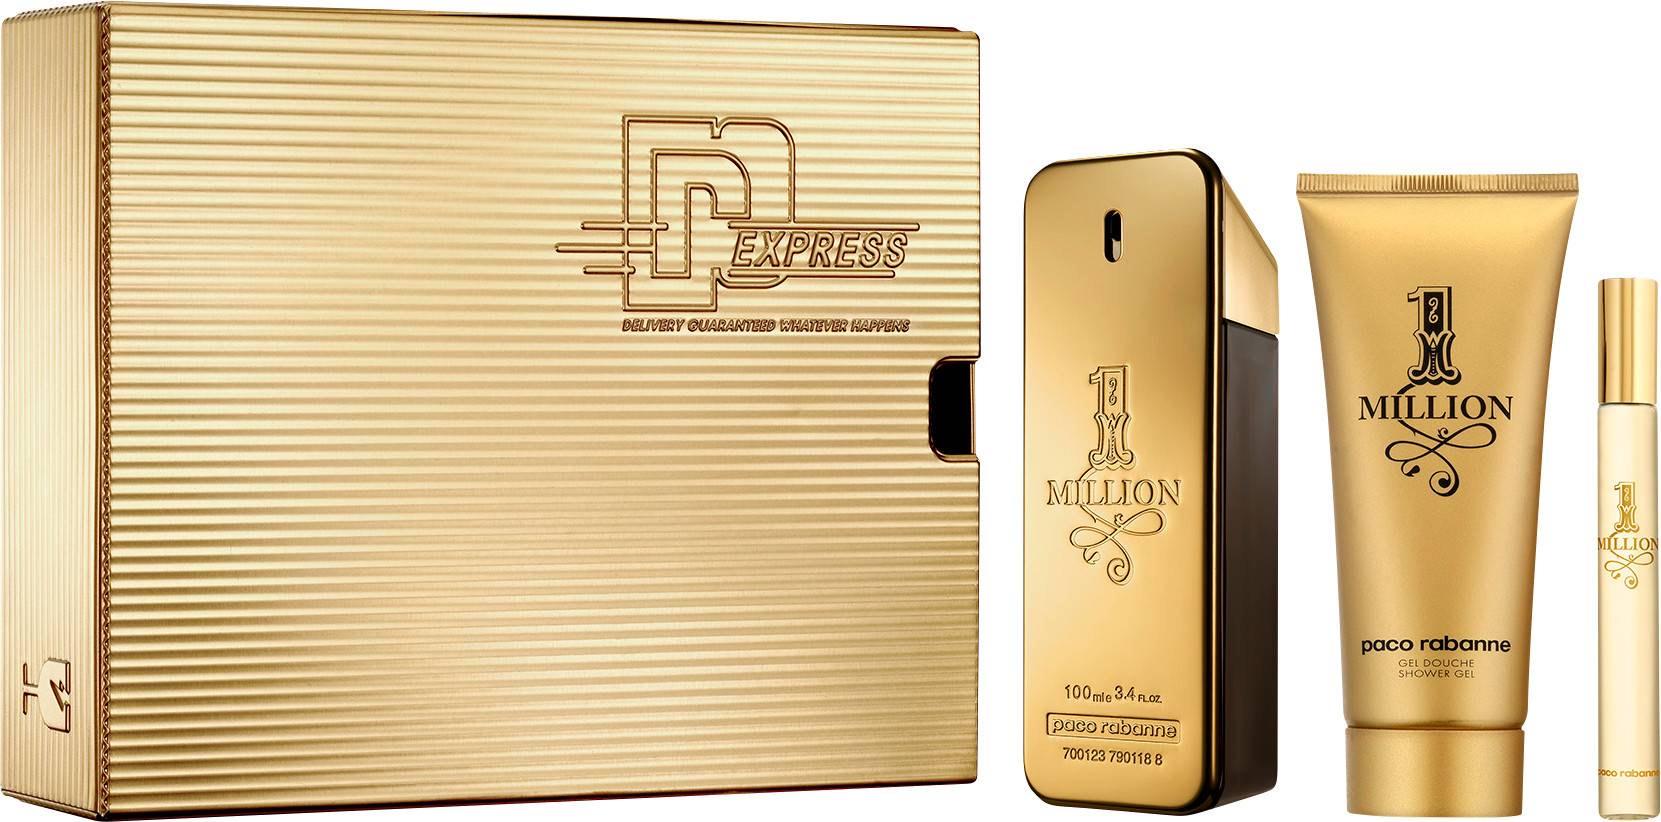 Paco Rabanne 1 Million Eau de Toilette 100ml Gift Set £45.33 @ Boots Shop